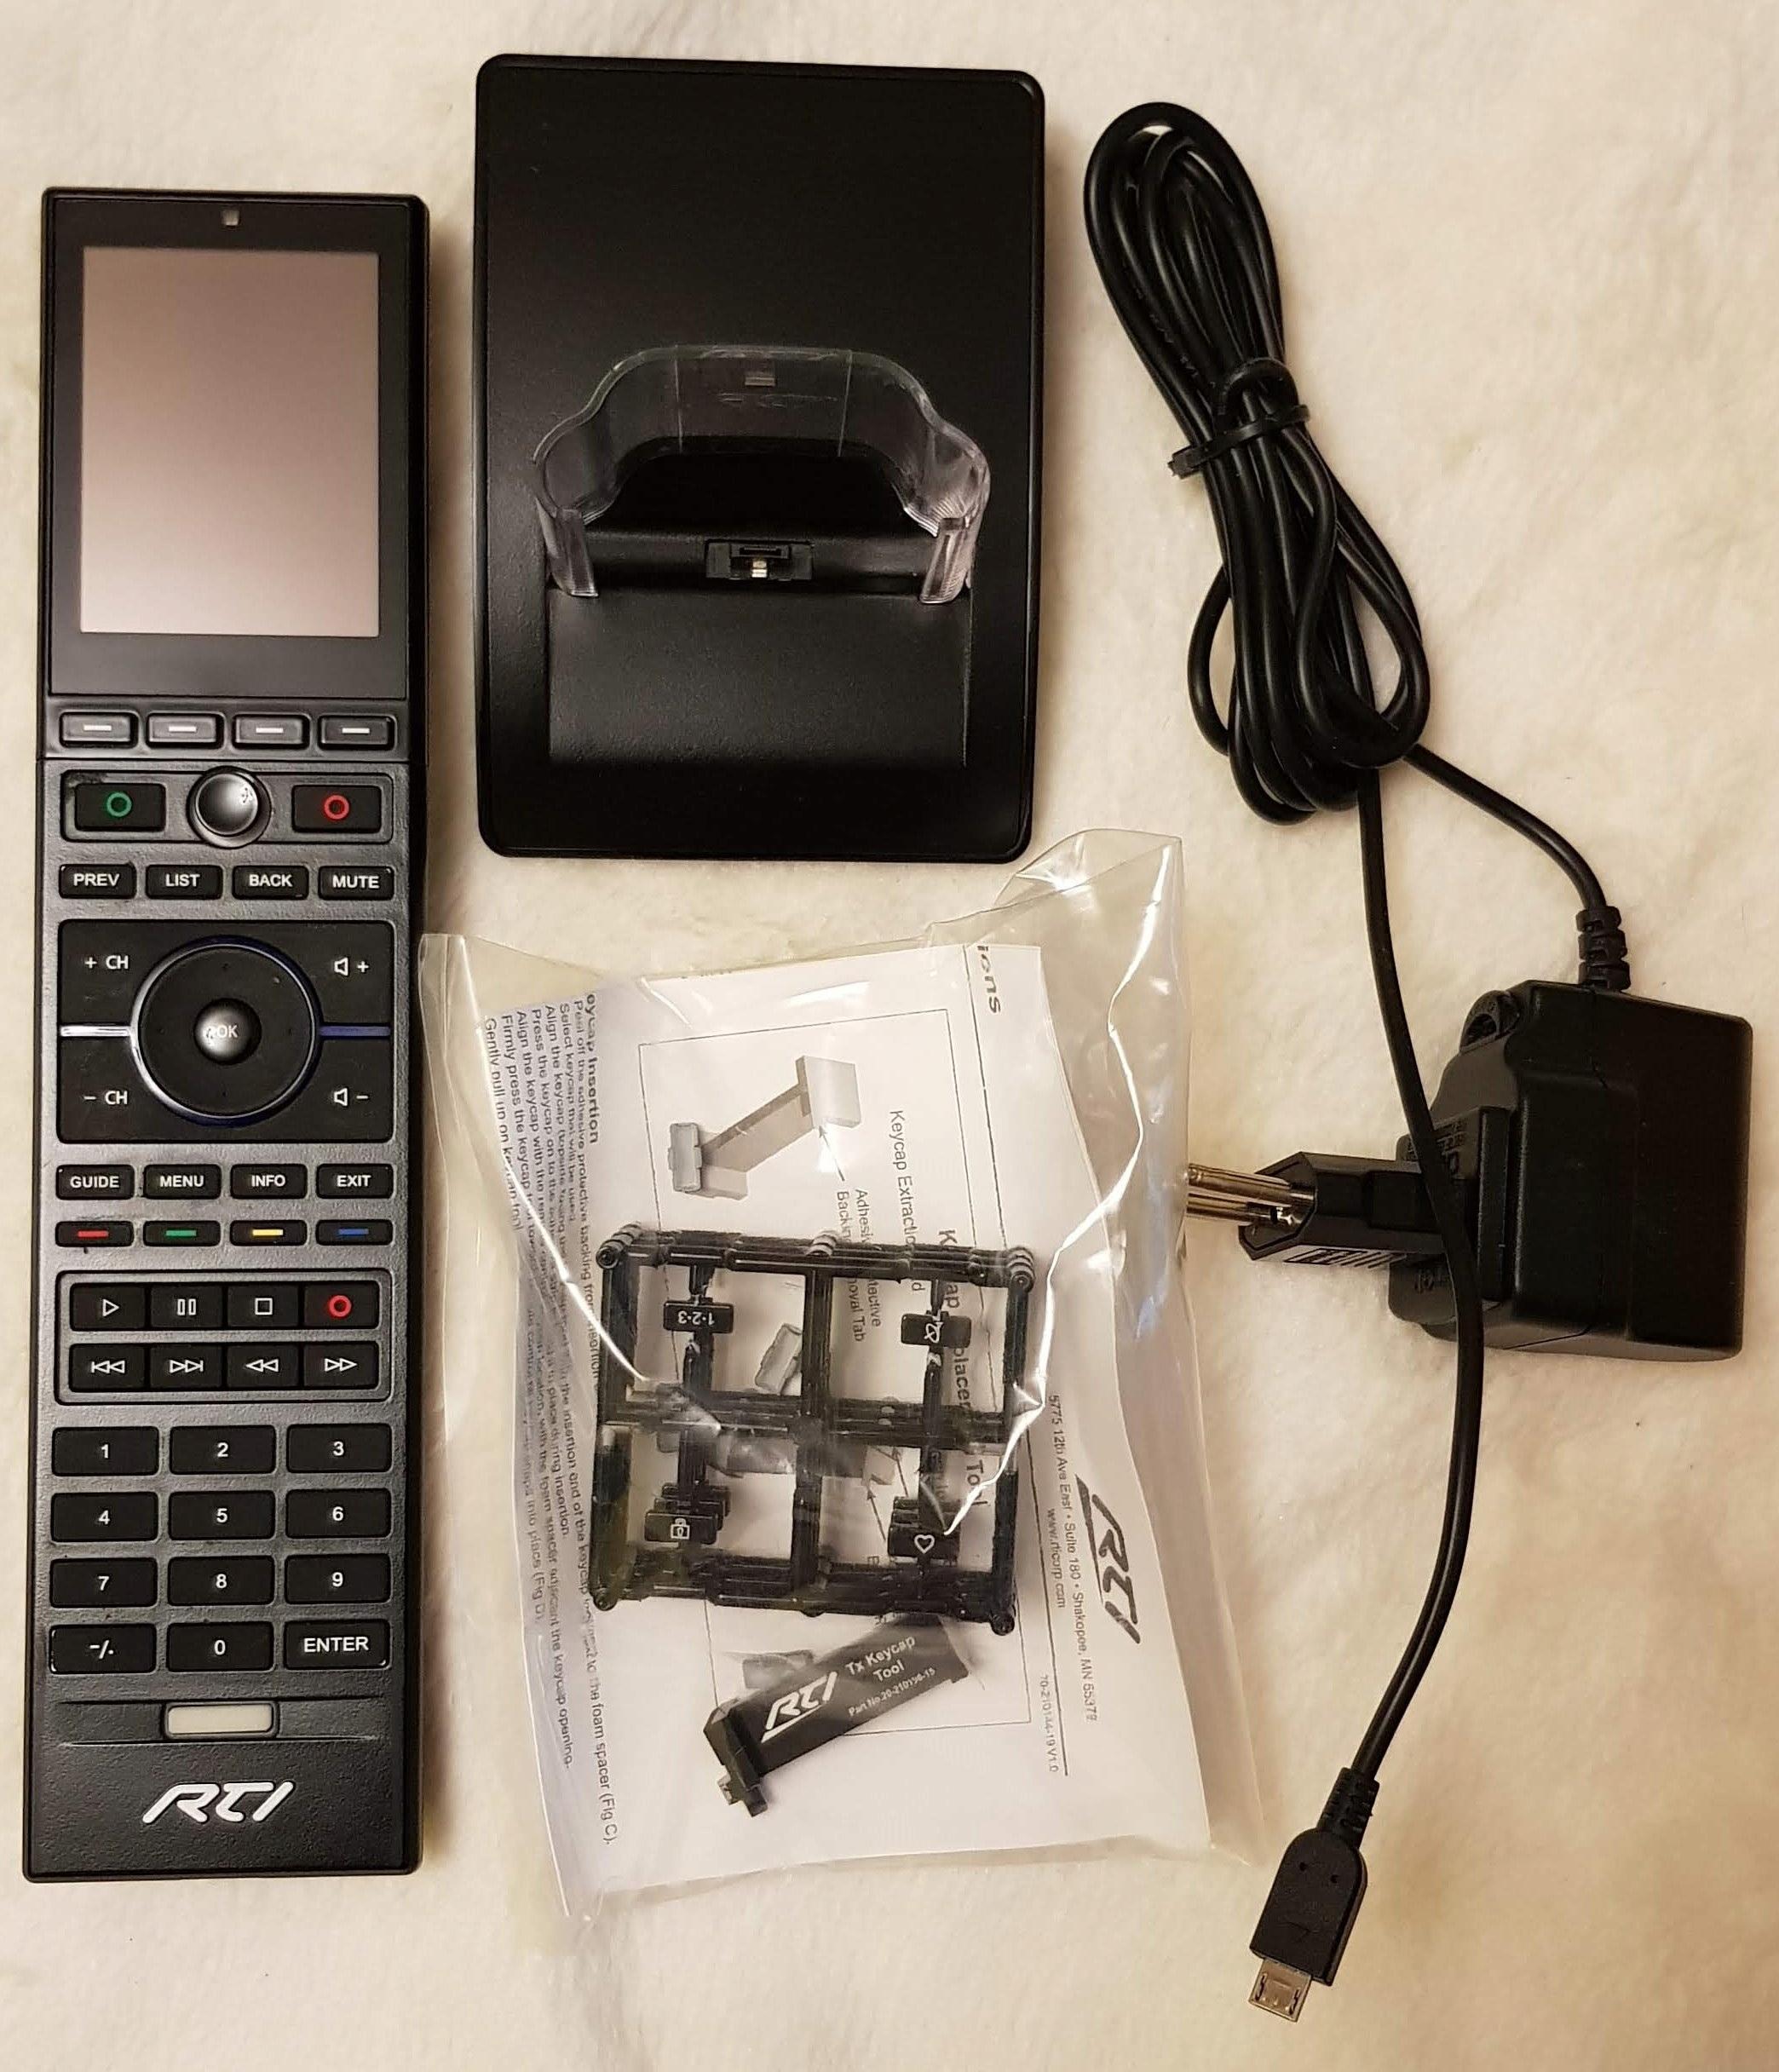 RTI T2X 2,8' Remote Control PILOT MULTIMEDIALNY